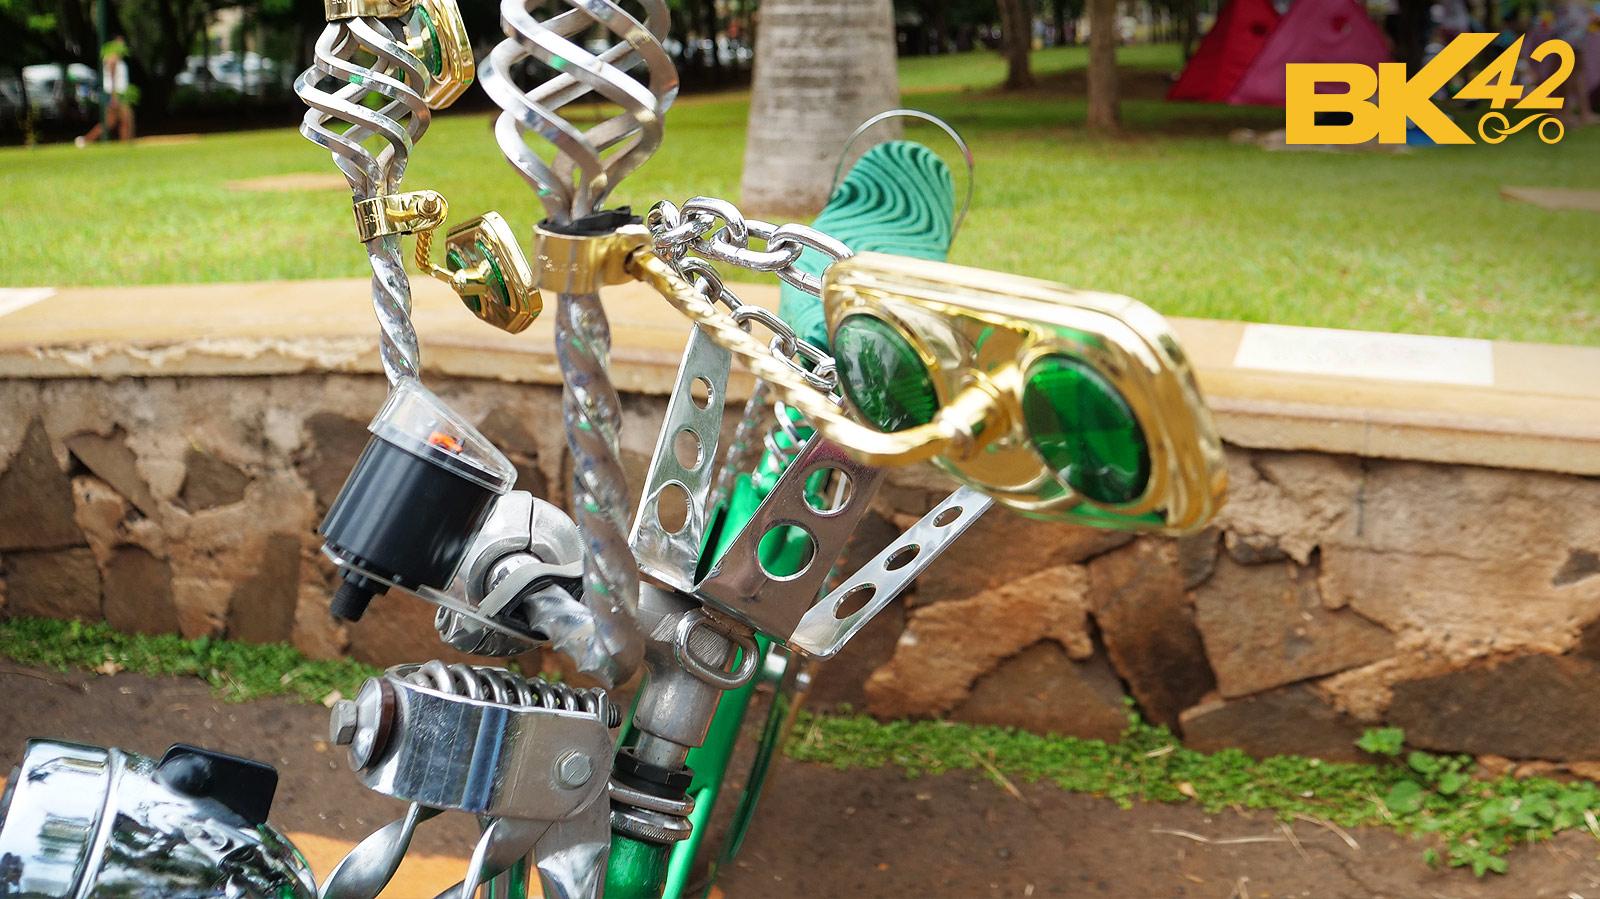 Lowrider Bikes in Brazil